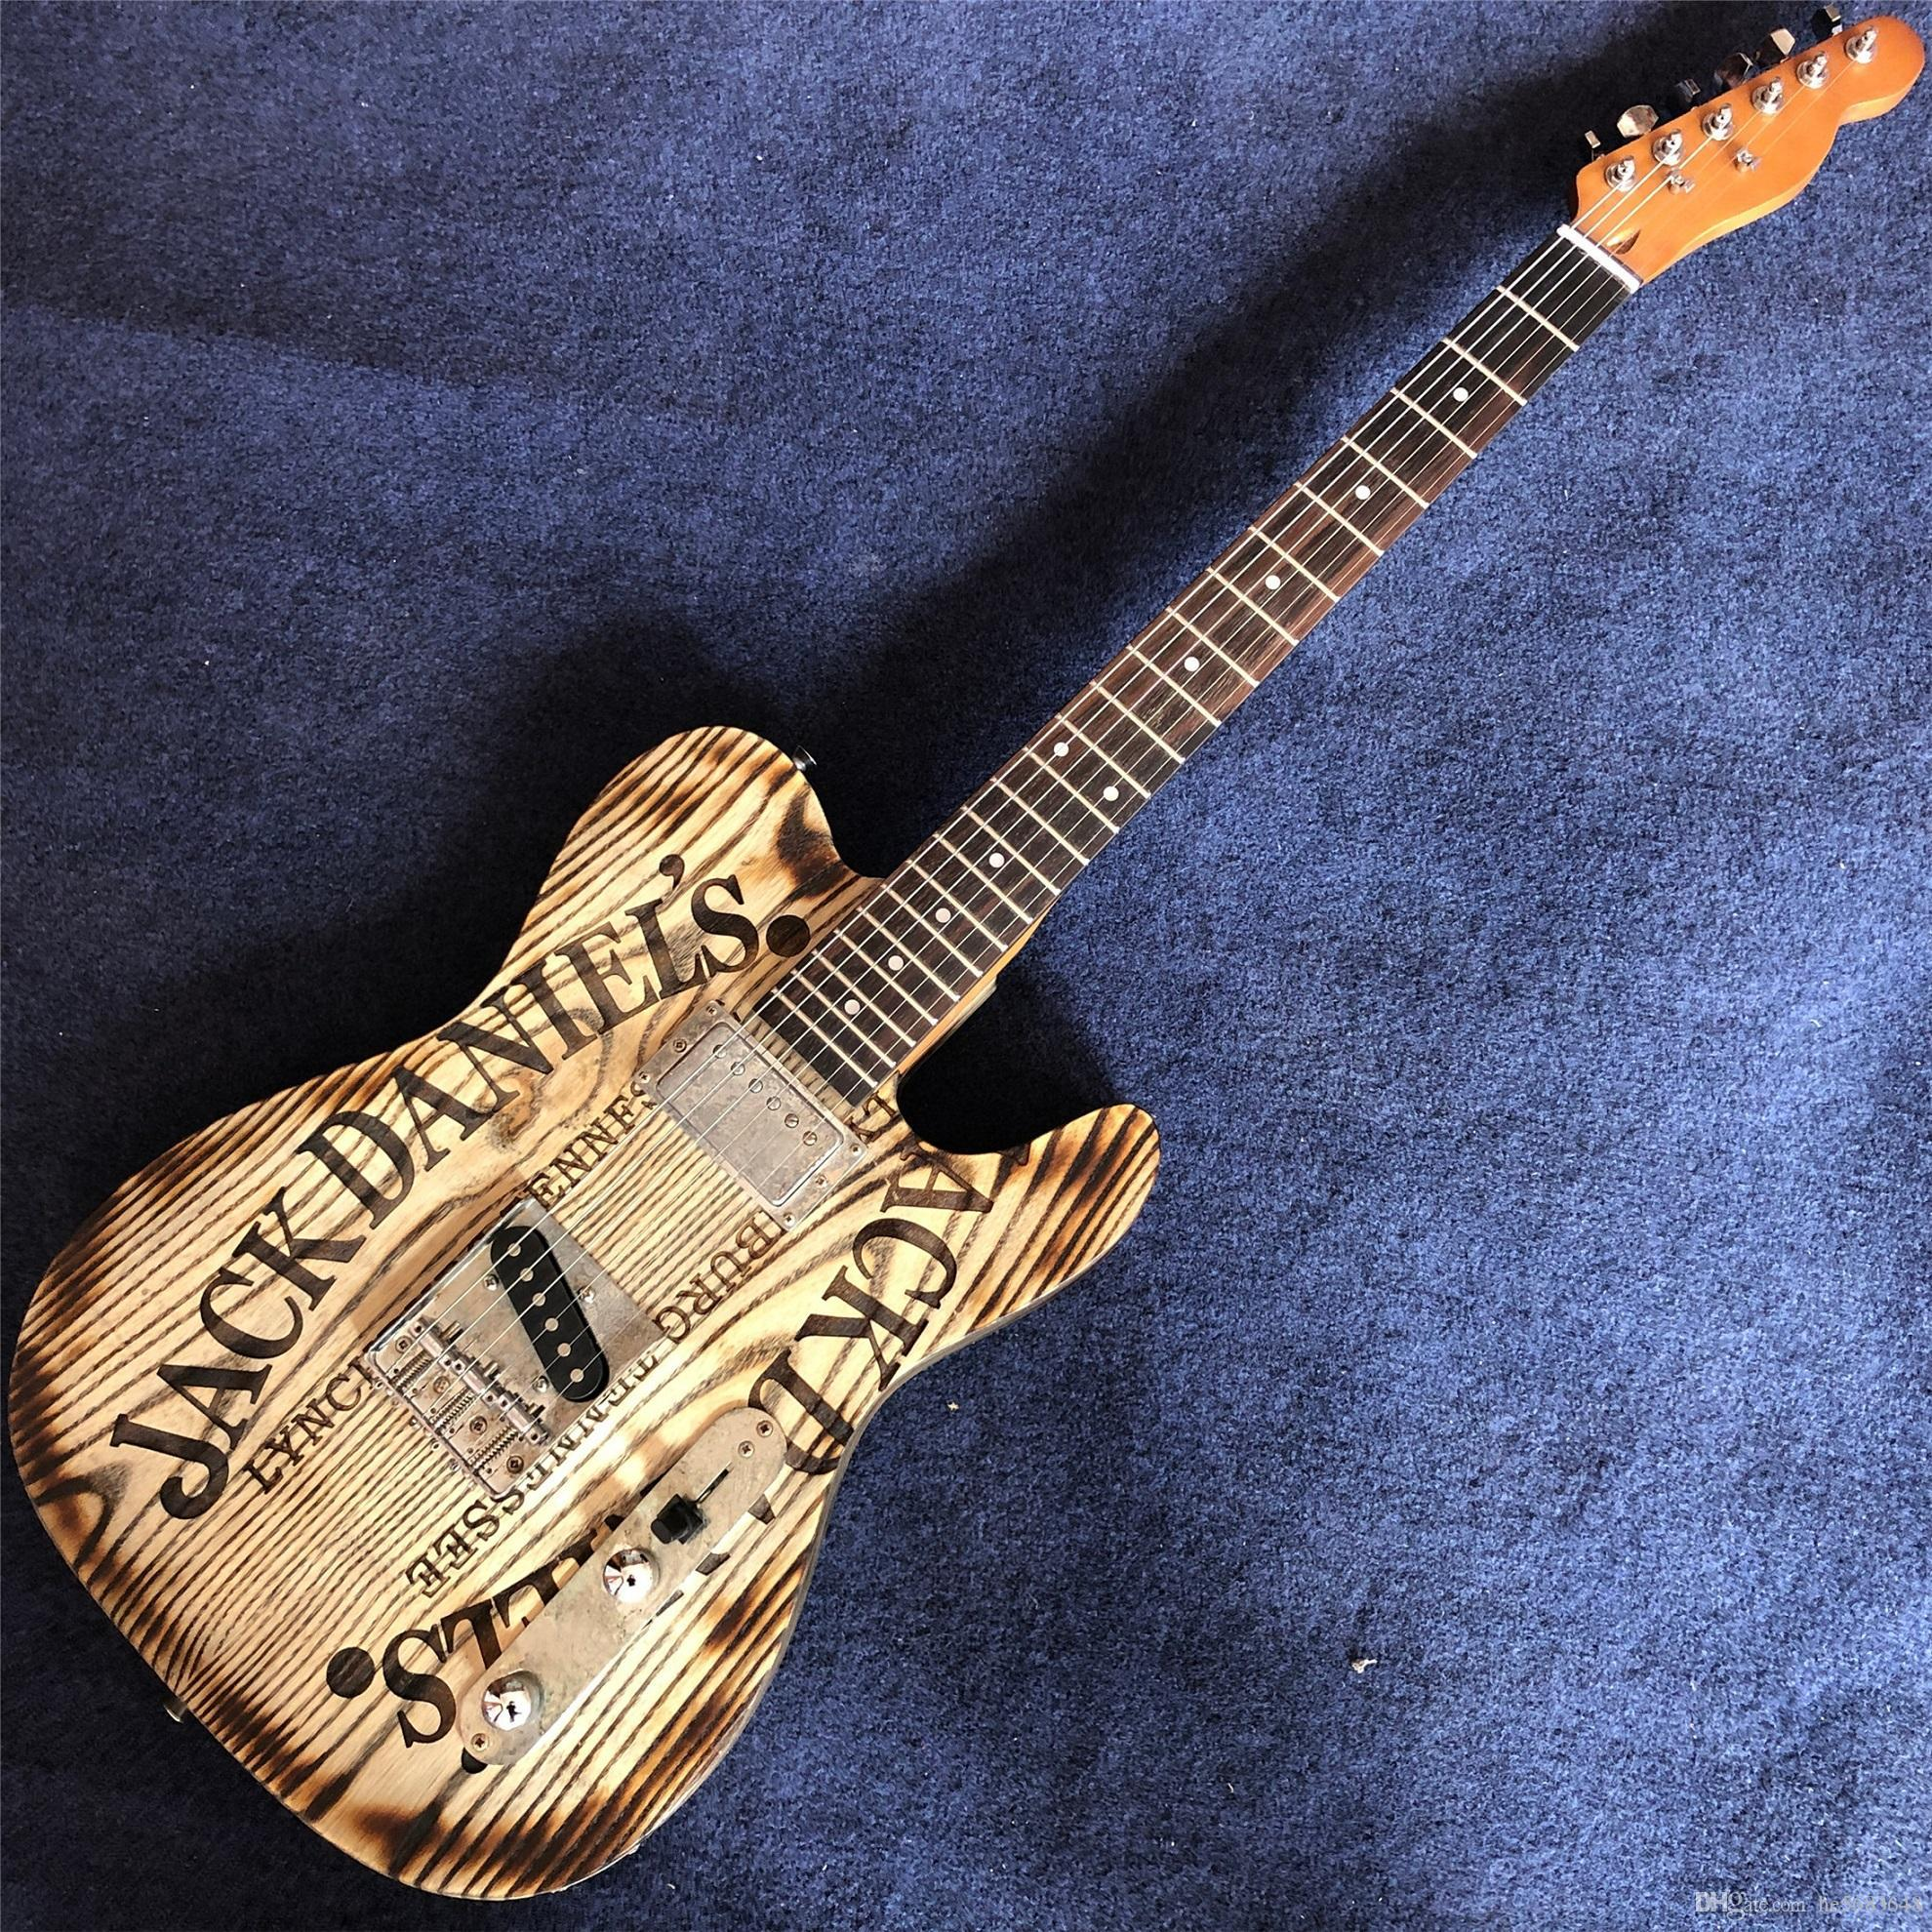 servicio caliente-vendedor de alta calidad de la madera de color natural de la guitarra eléctrica, guitarra cola asado, proporcionan una medida encargo al por mayor